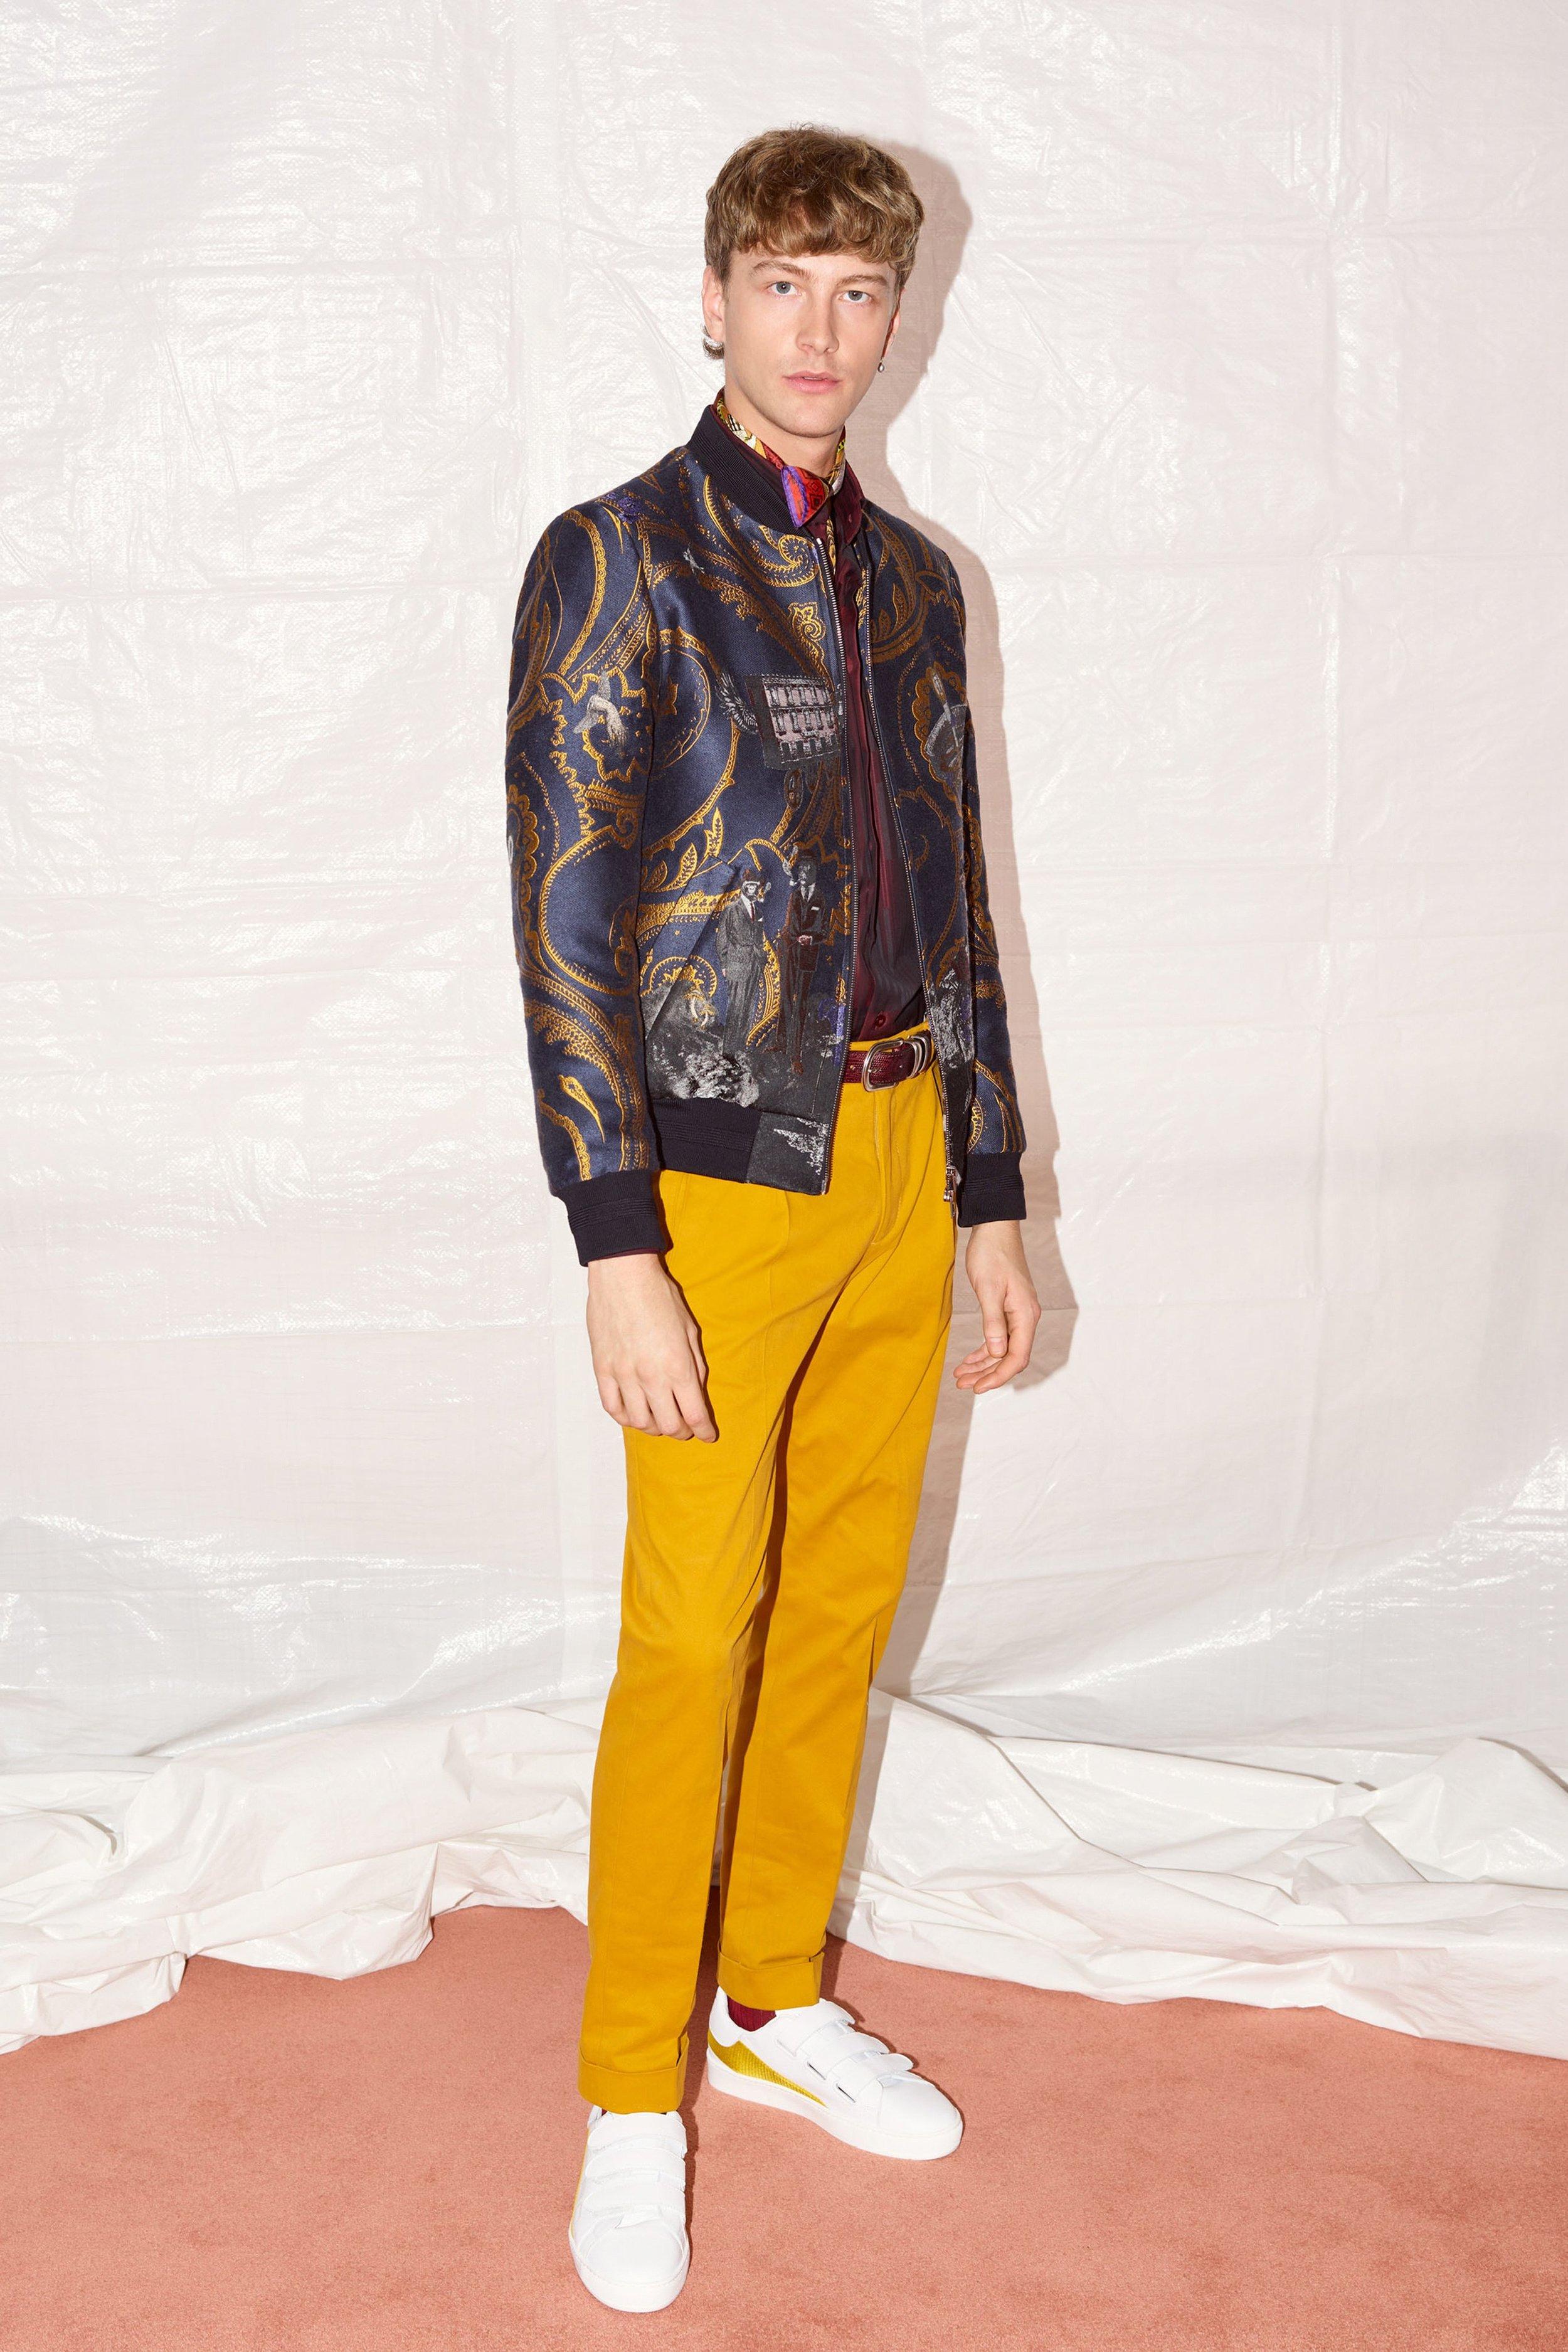 00002-ETRO-Menswear-Milan-2019.jpg